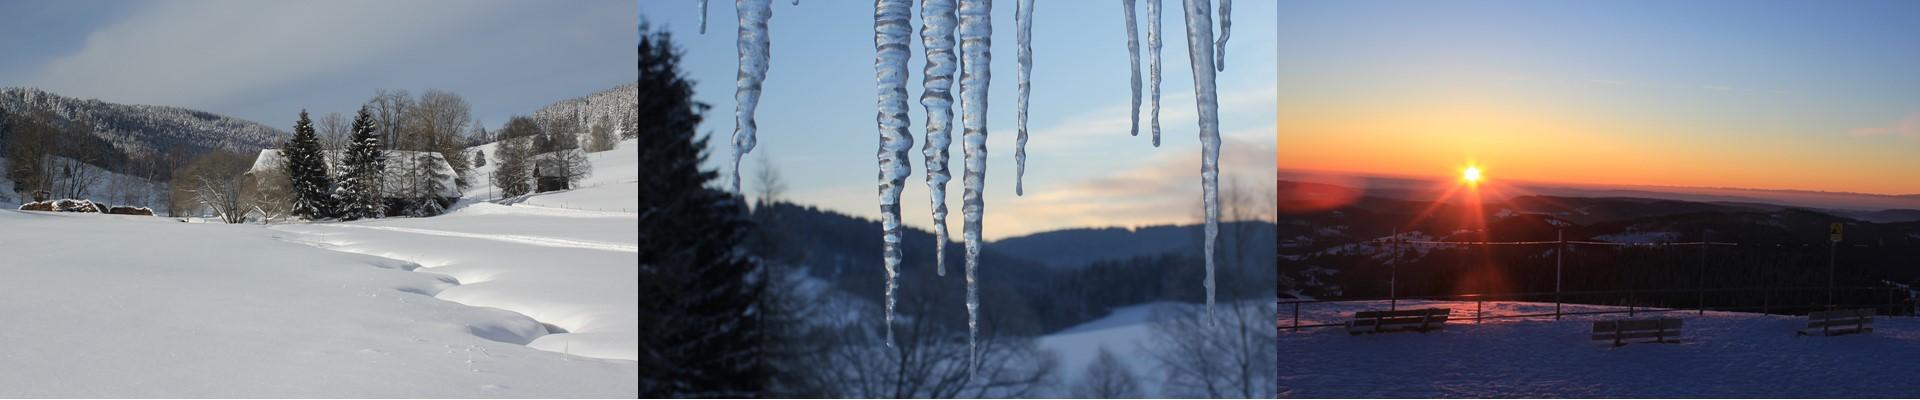 Collage: Schildwende und Griesbachhof im Winter + Eiszapfen + Sonnenuntergang auf dem Feldberg / Griesbachhof-Schwarzwald